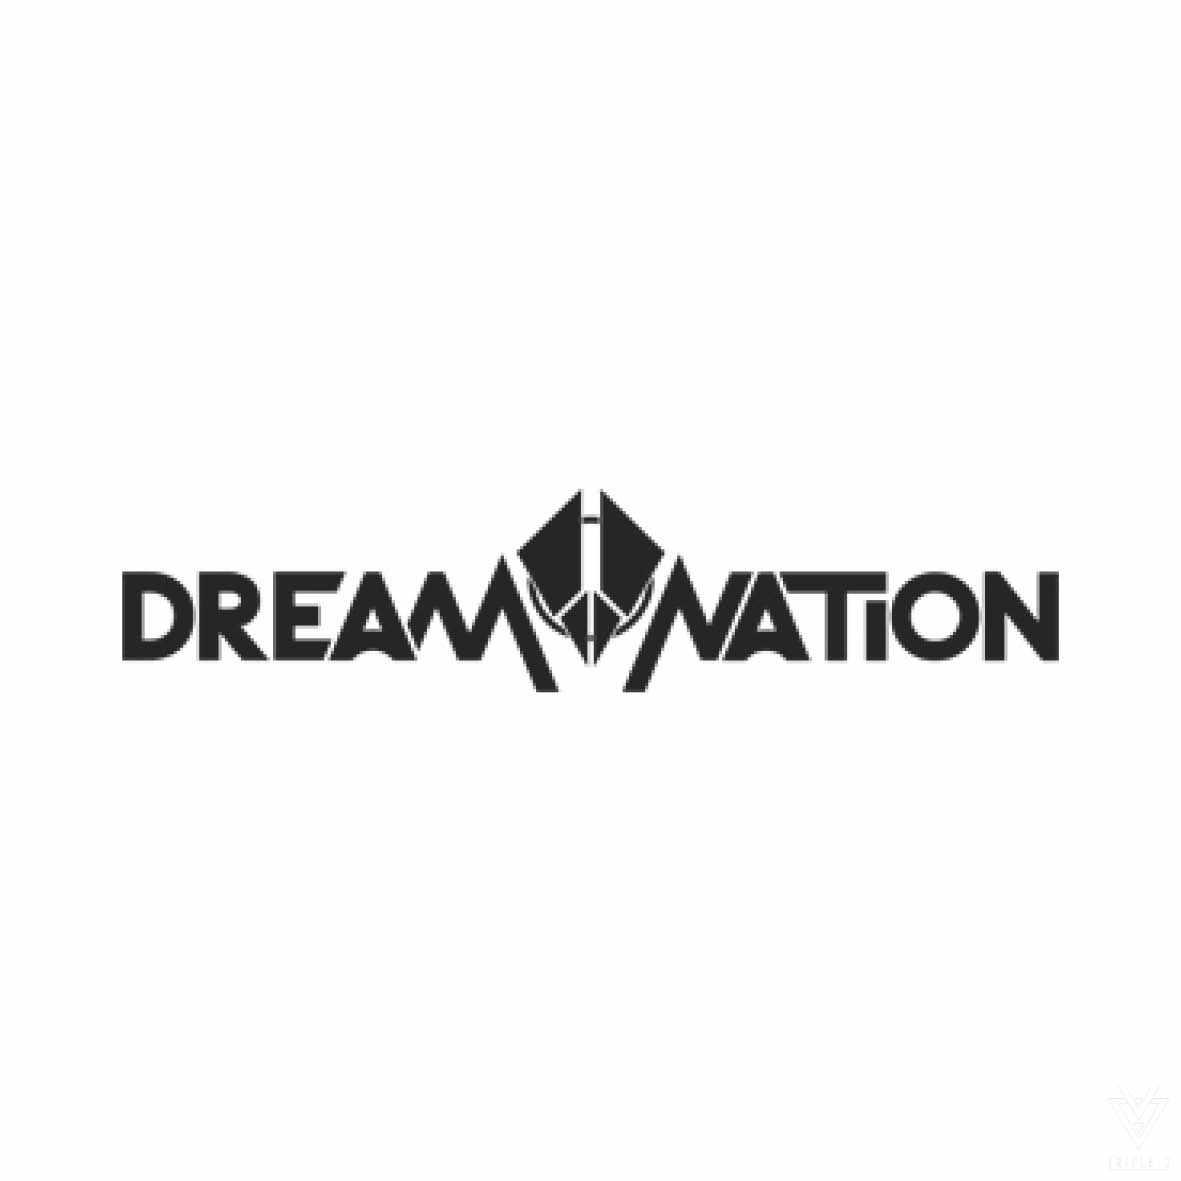 Triple - D Dream Nation